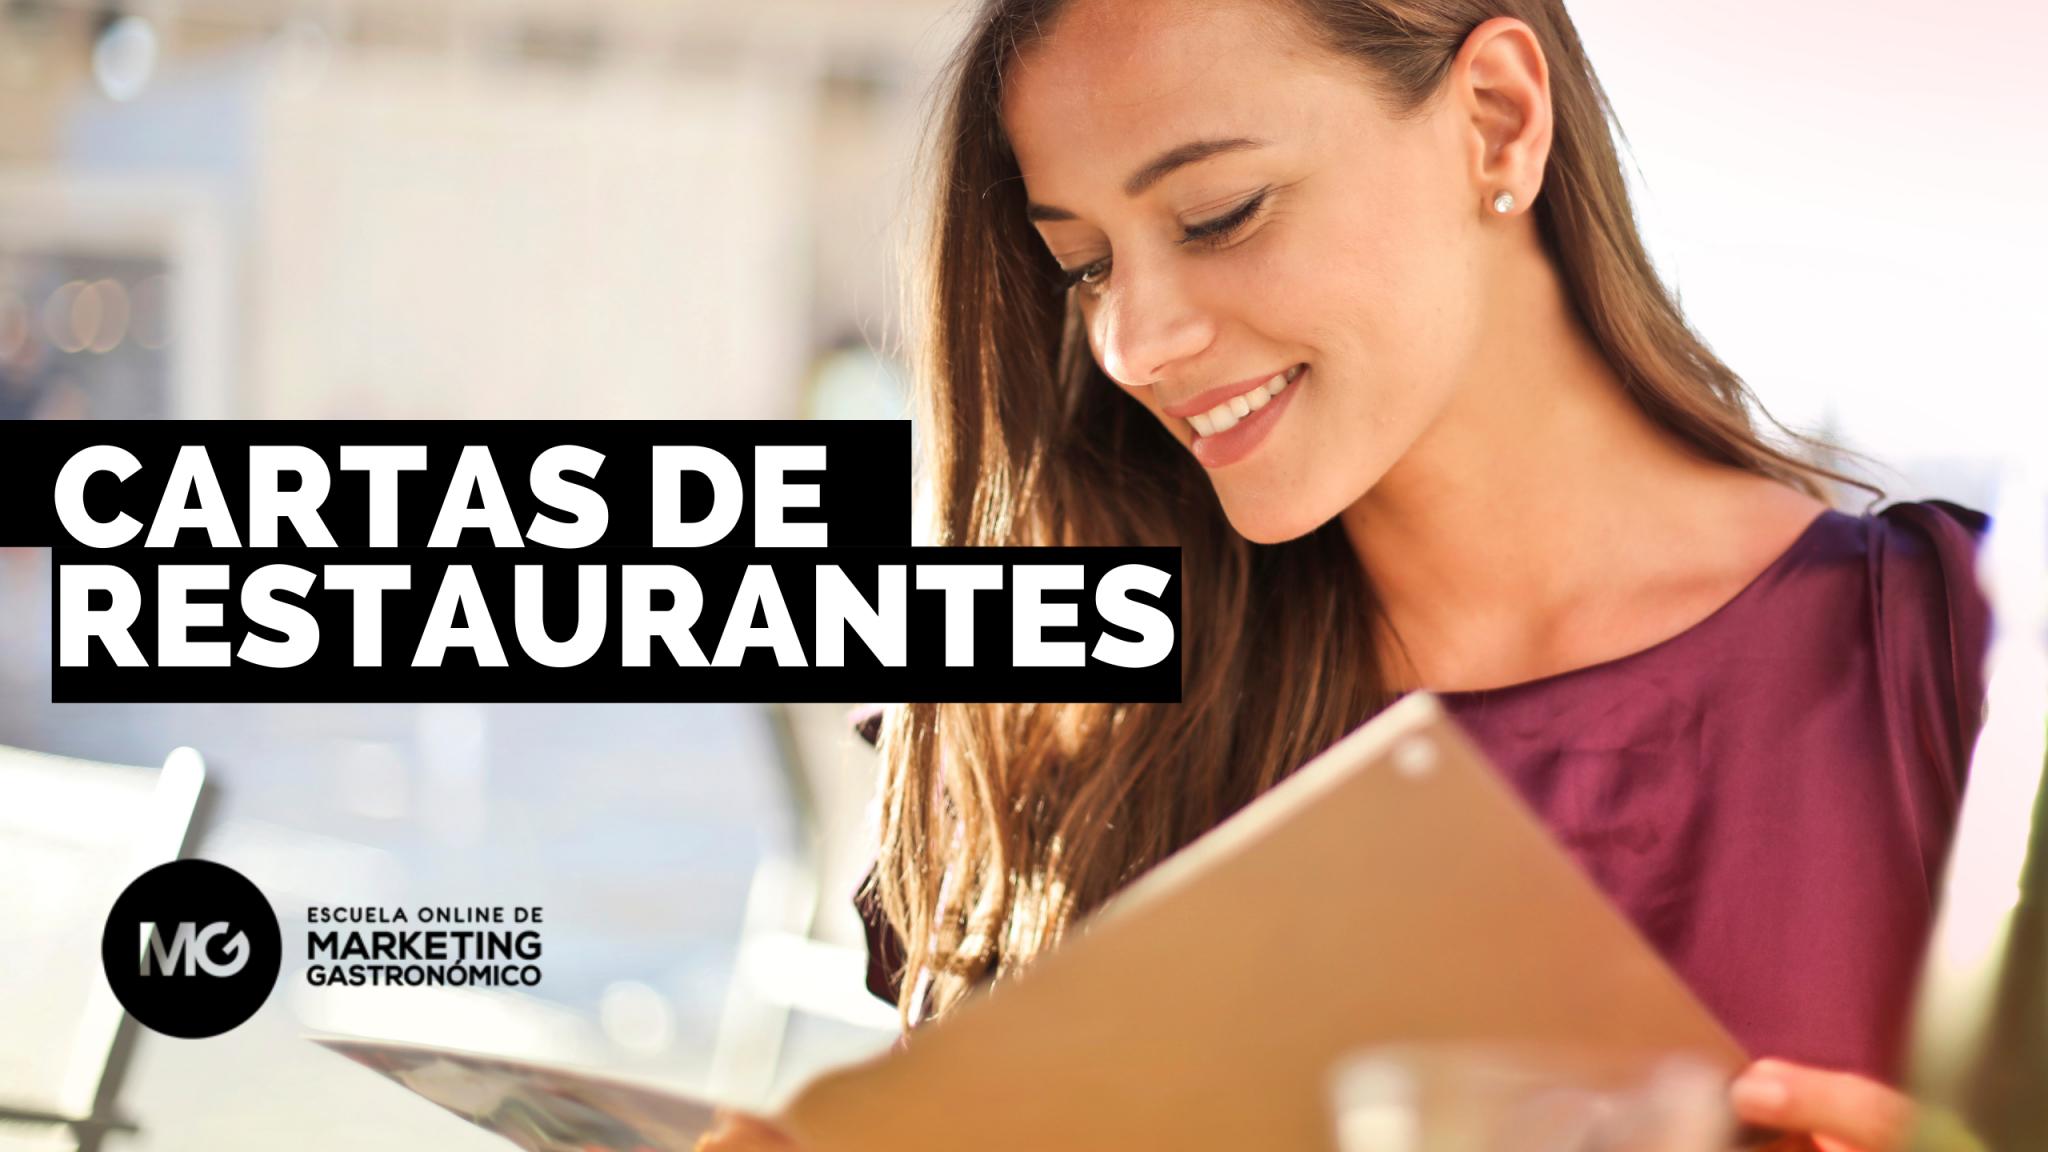 Estrategias de marketing gastronómico para mejorar tu carta